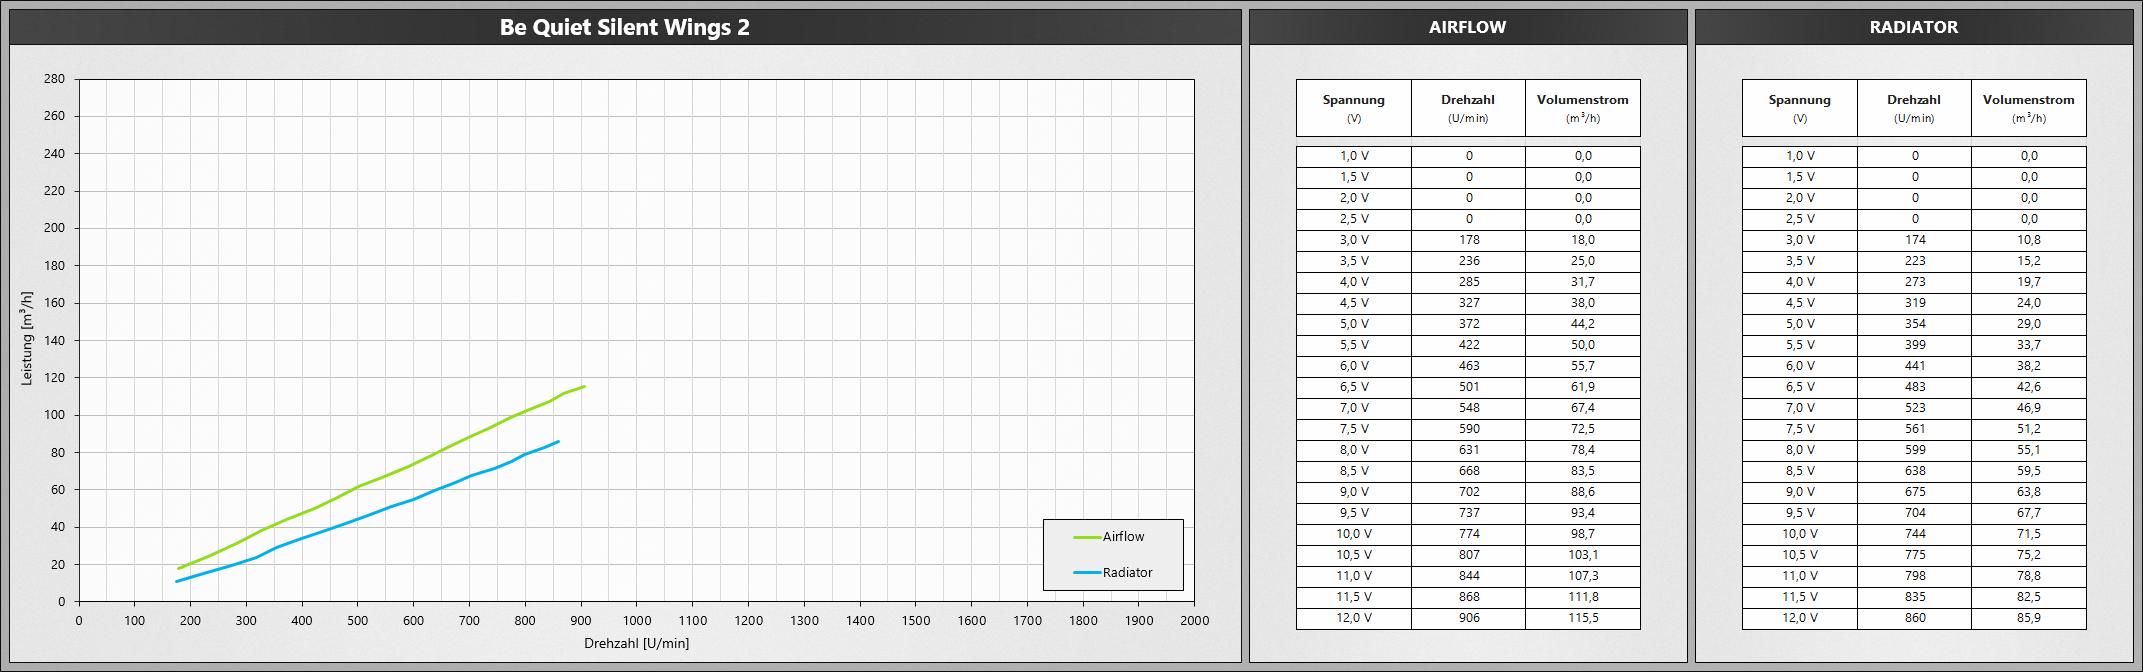 Klicken Sie auf die Grafik für eine größere Ansicht  Name:BQSW2.png Hits:669 Größe:472,7 KB ID:1074746